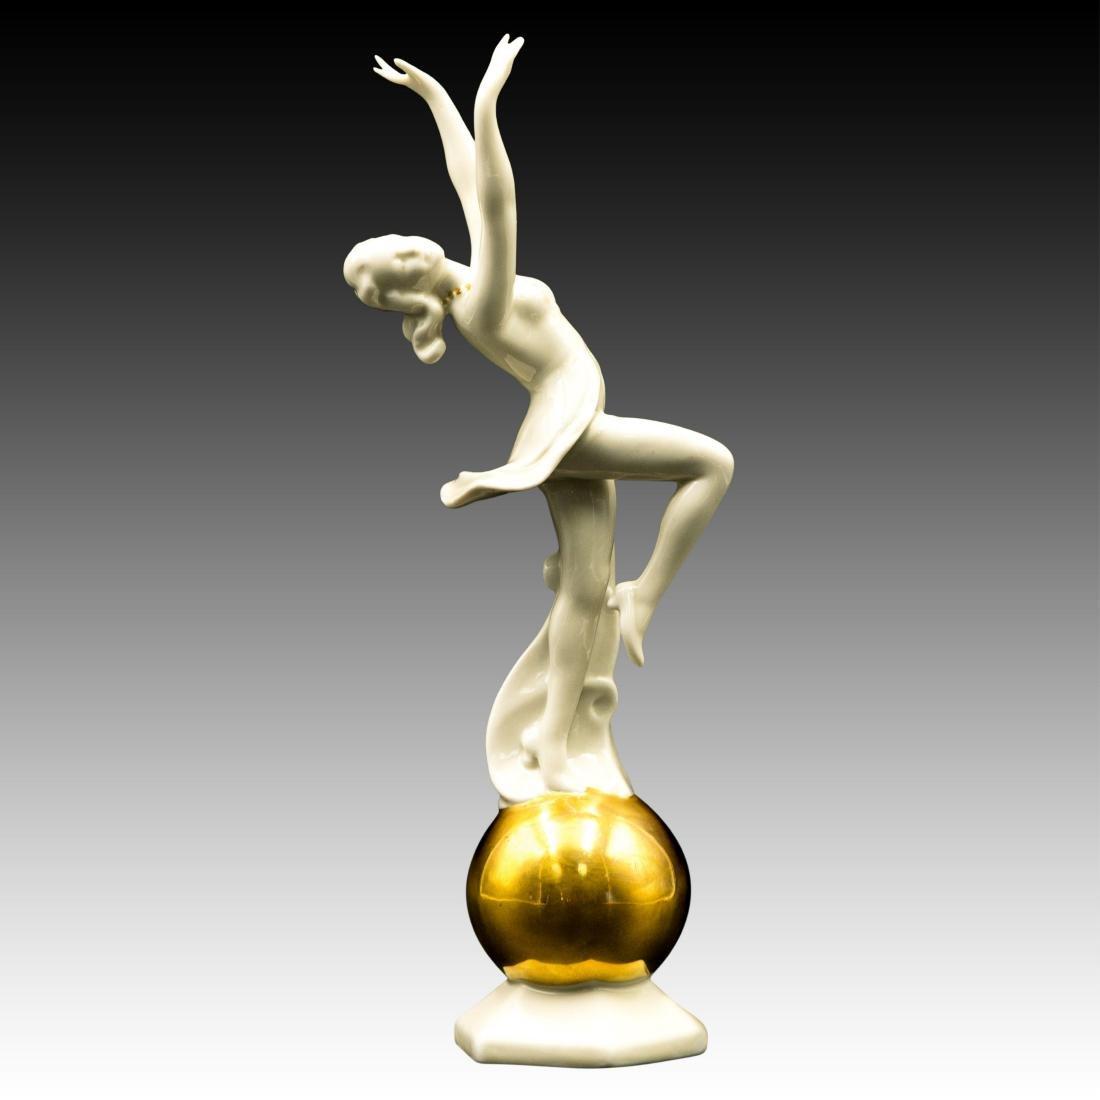 Art Deco Female Dancer on Golden Globe